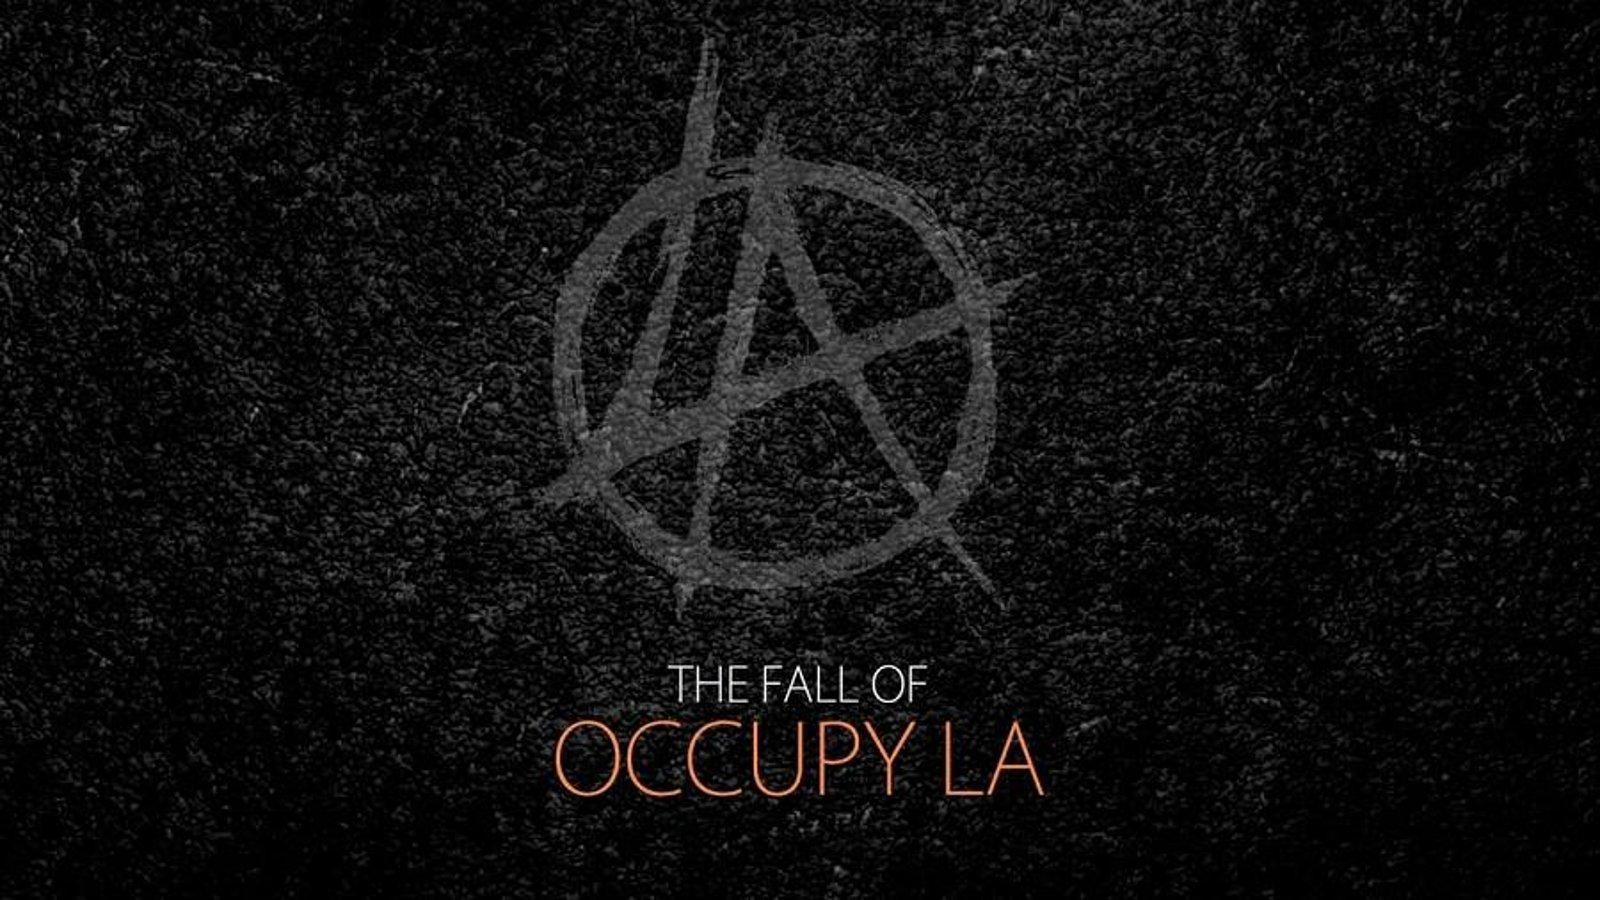 The Fall of Occupy LA